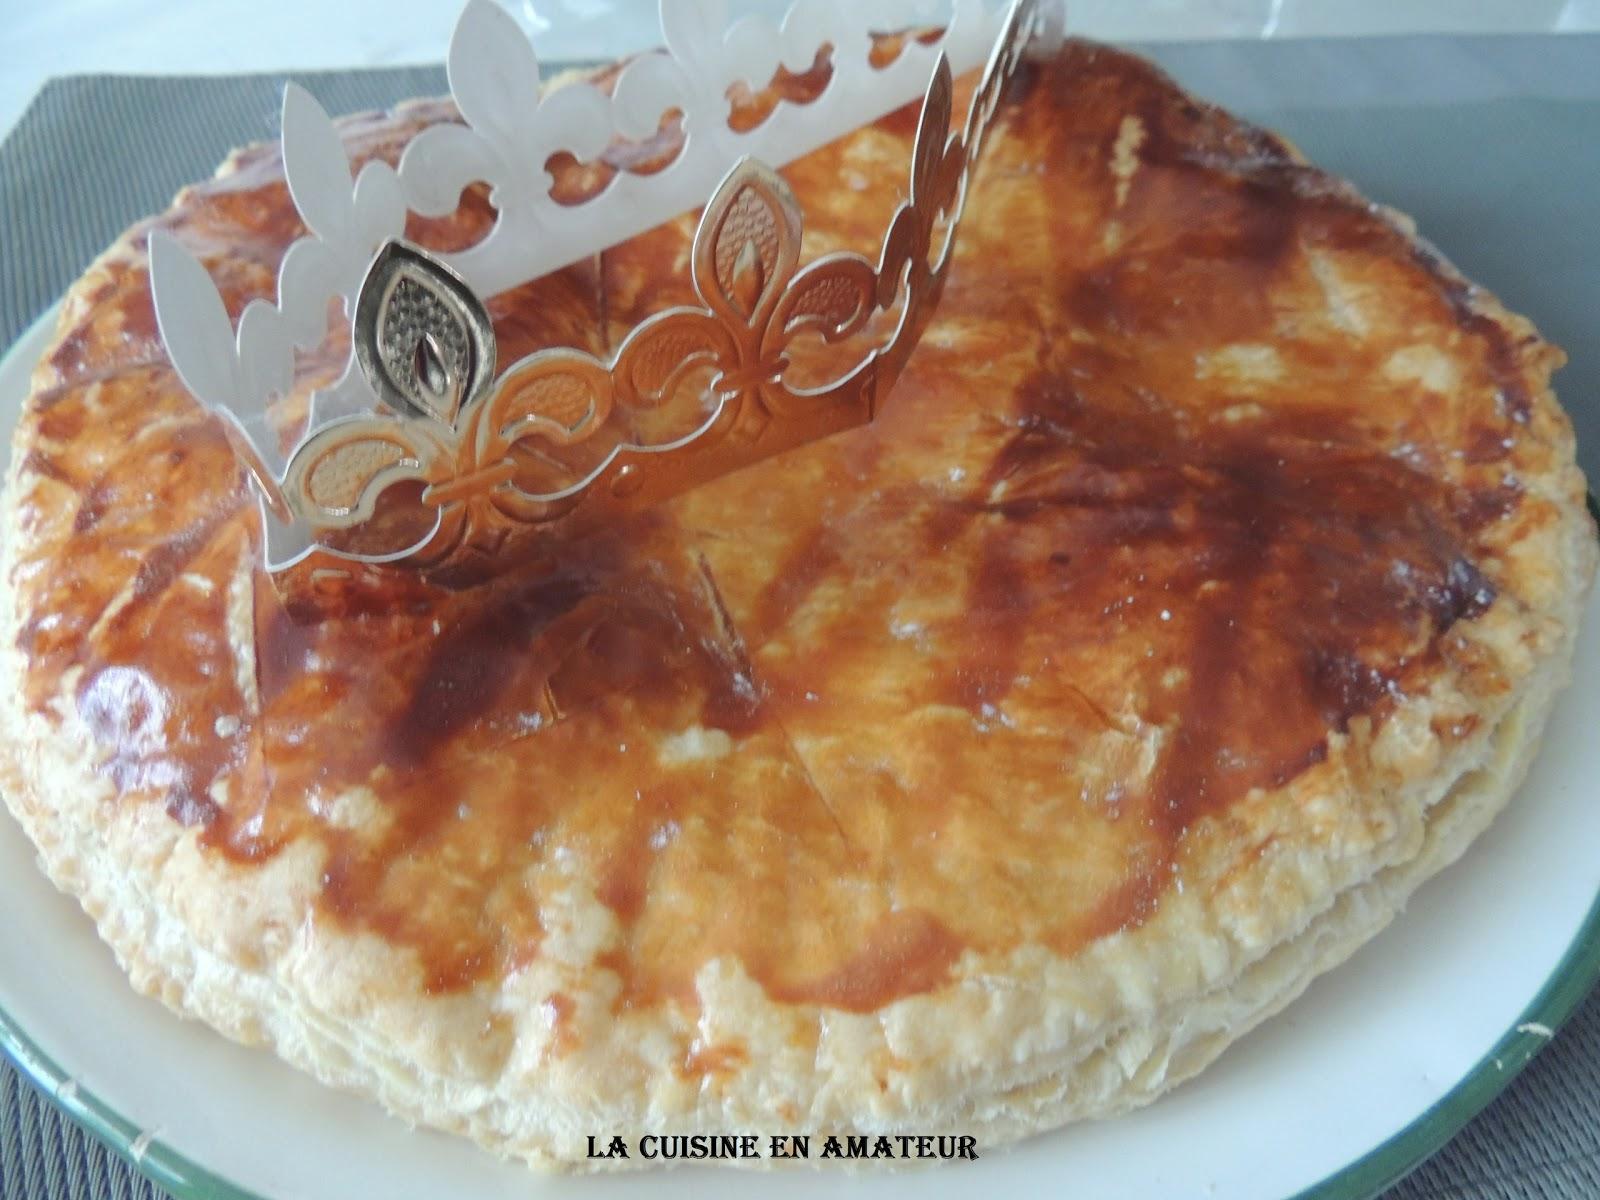 La cuisine en amateur de maryline galette des rois - Galette des rois herve cuisine ...